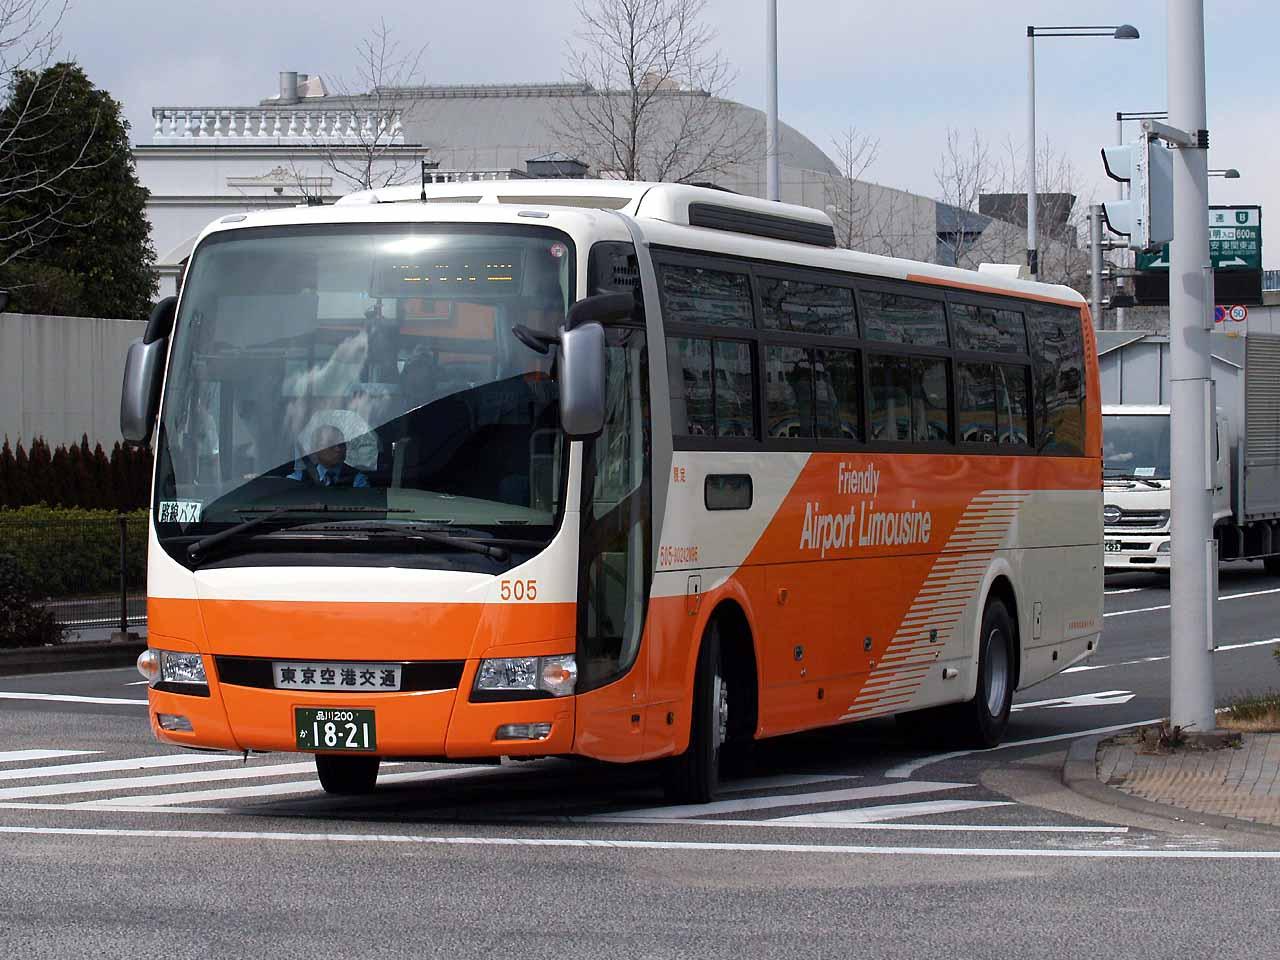 【食玩瞓】Limousine機場直出新宿/池袋 │包pocket wifi租借服務│東京自由行套票3-31天